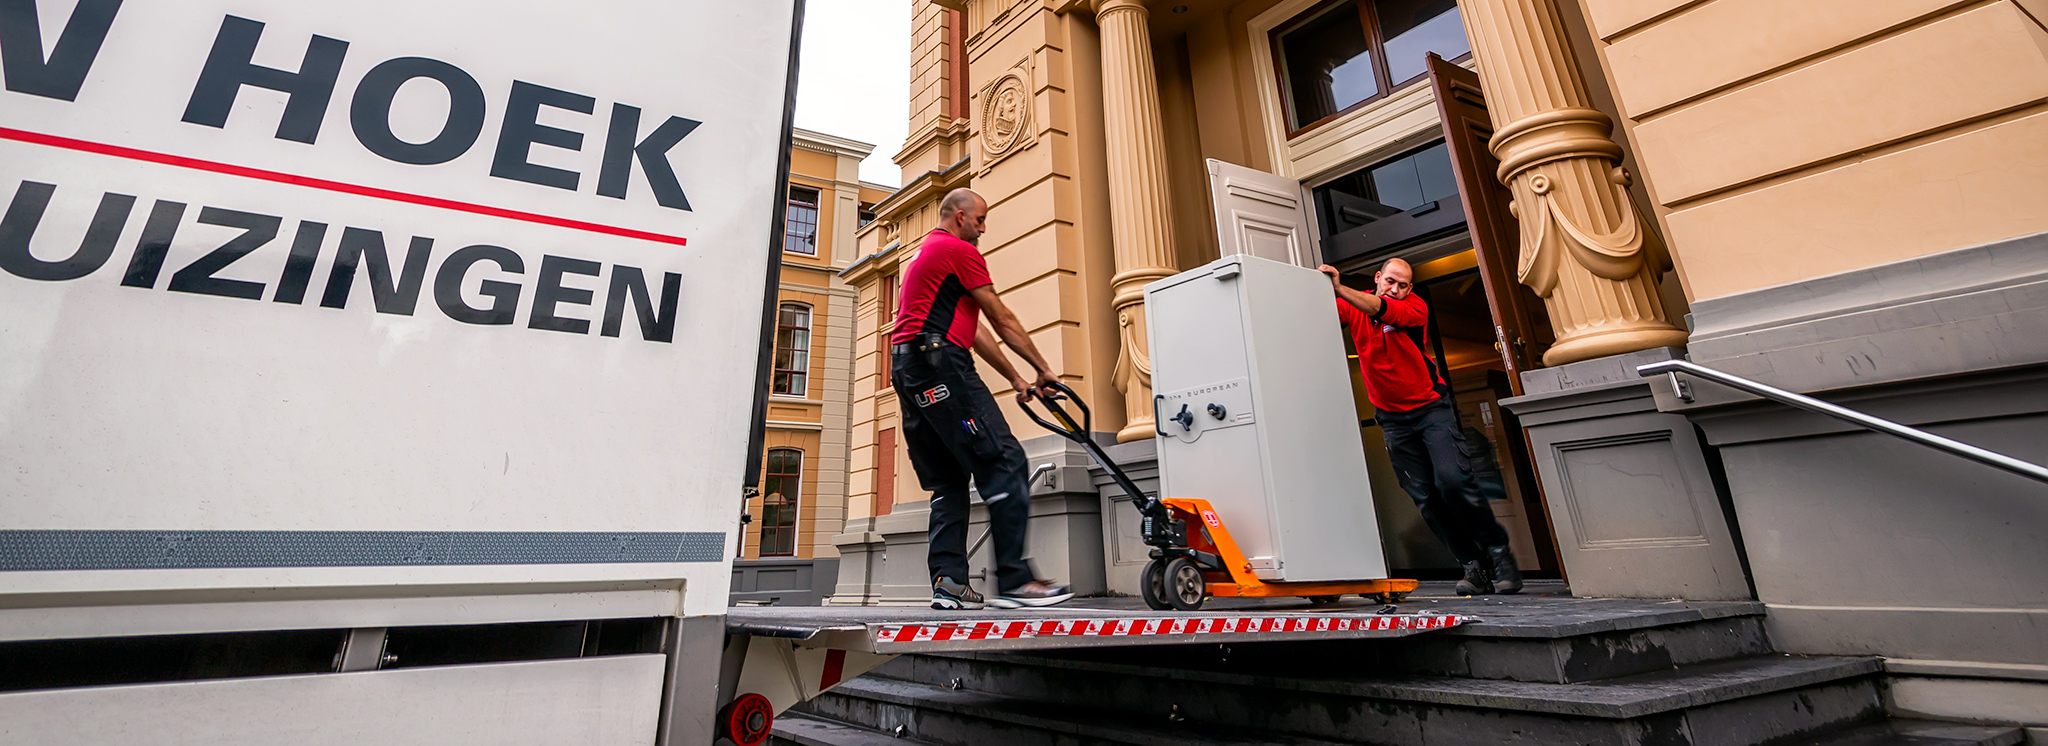 piano verhuizen kluis verhuizen verhuizing uts van hoek groningen verhuisbedrijf